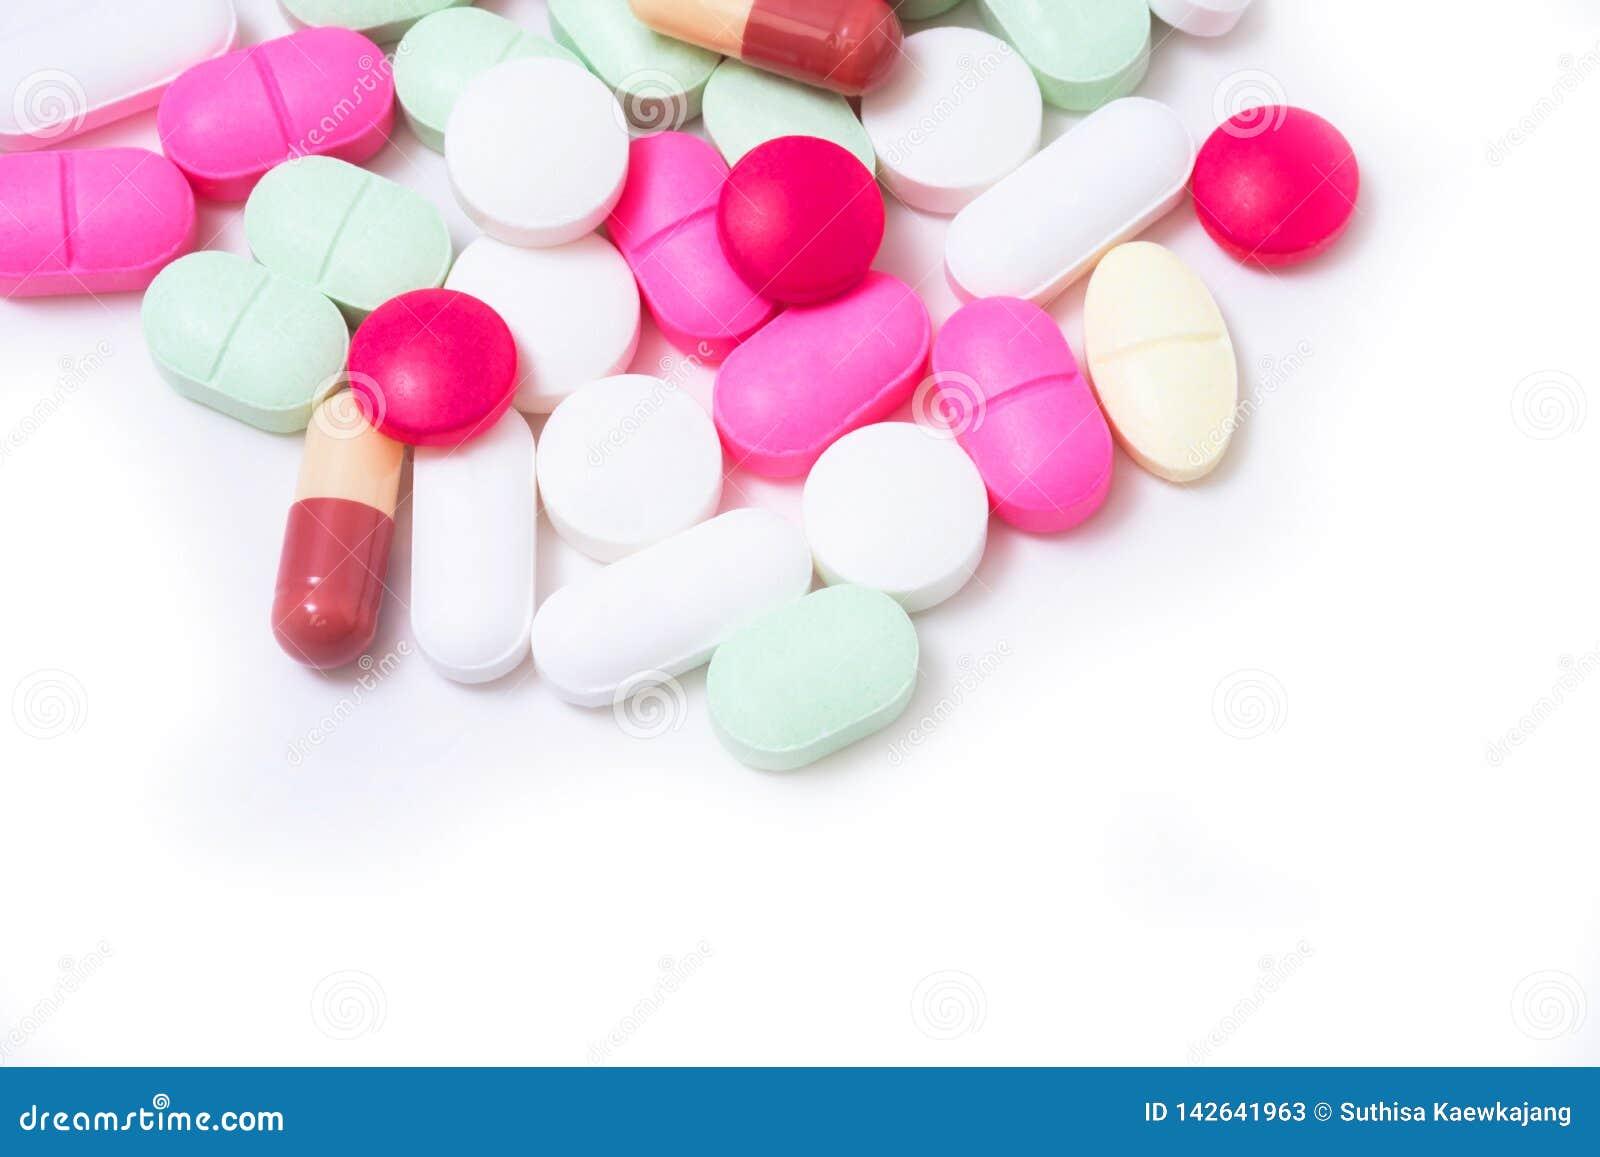 Ζωηρόχρωμα χάπια φαρμάκων που απομονώνονται στο άσπρο υπόβαθρο θολωμένο ανασκόπηση χάπι μασκών υγείας προσώπου έννοιας προσοχής π